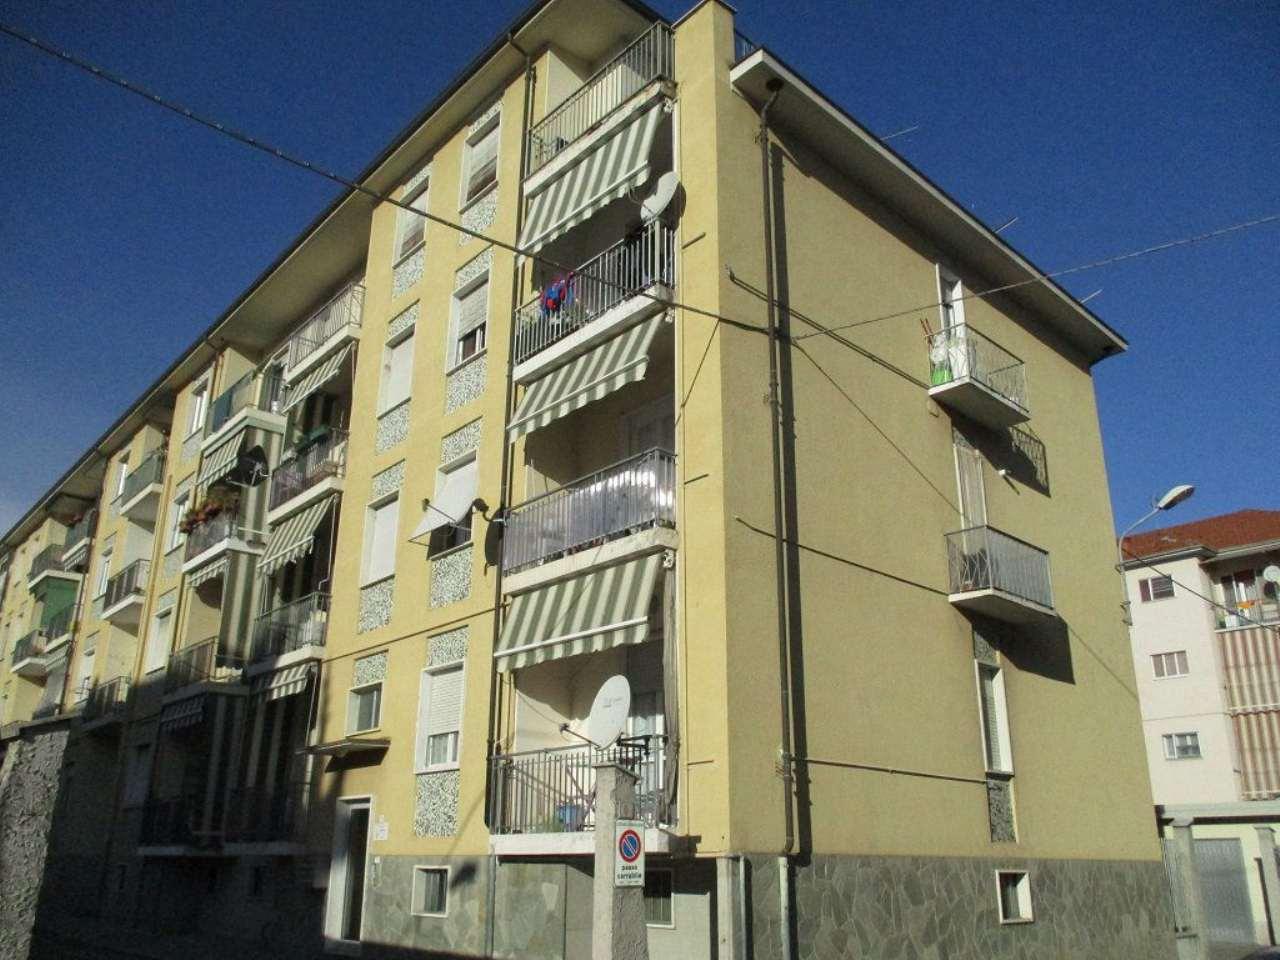 Appartamento in vendita a Savigliano, 3 locali, prezzo € 79.000 | Cambio Casa.it